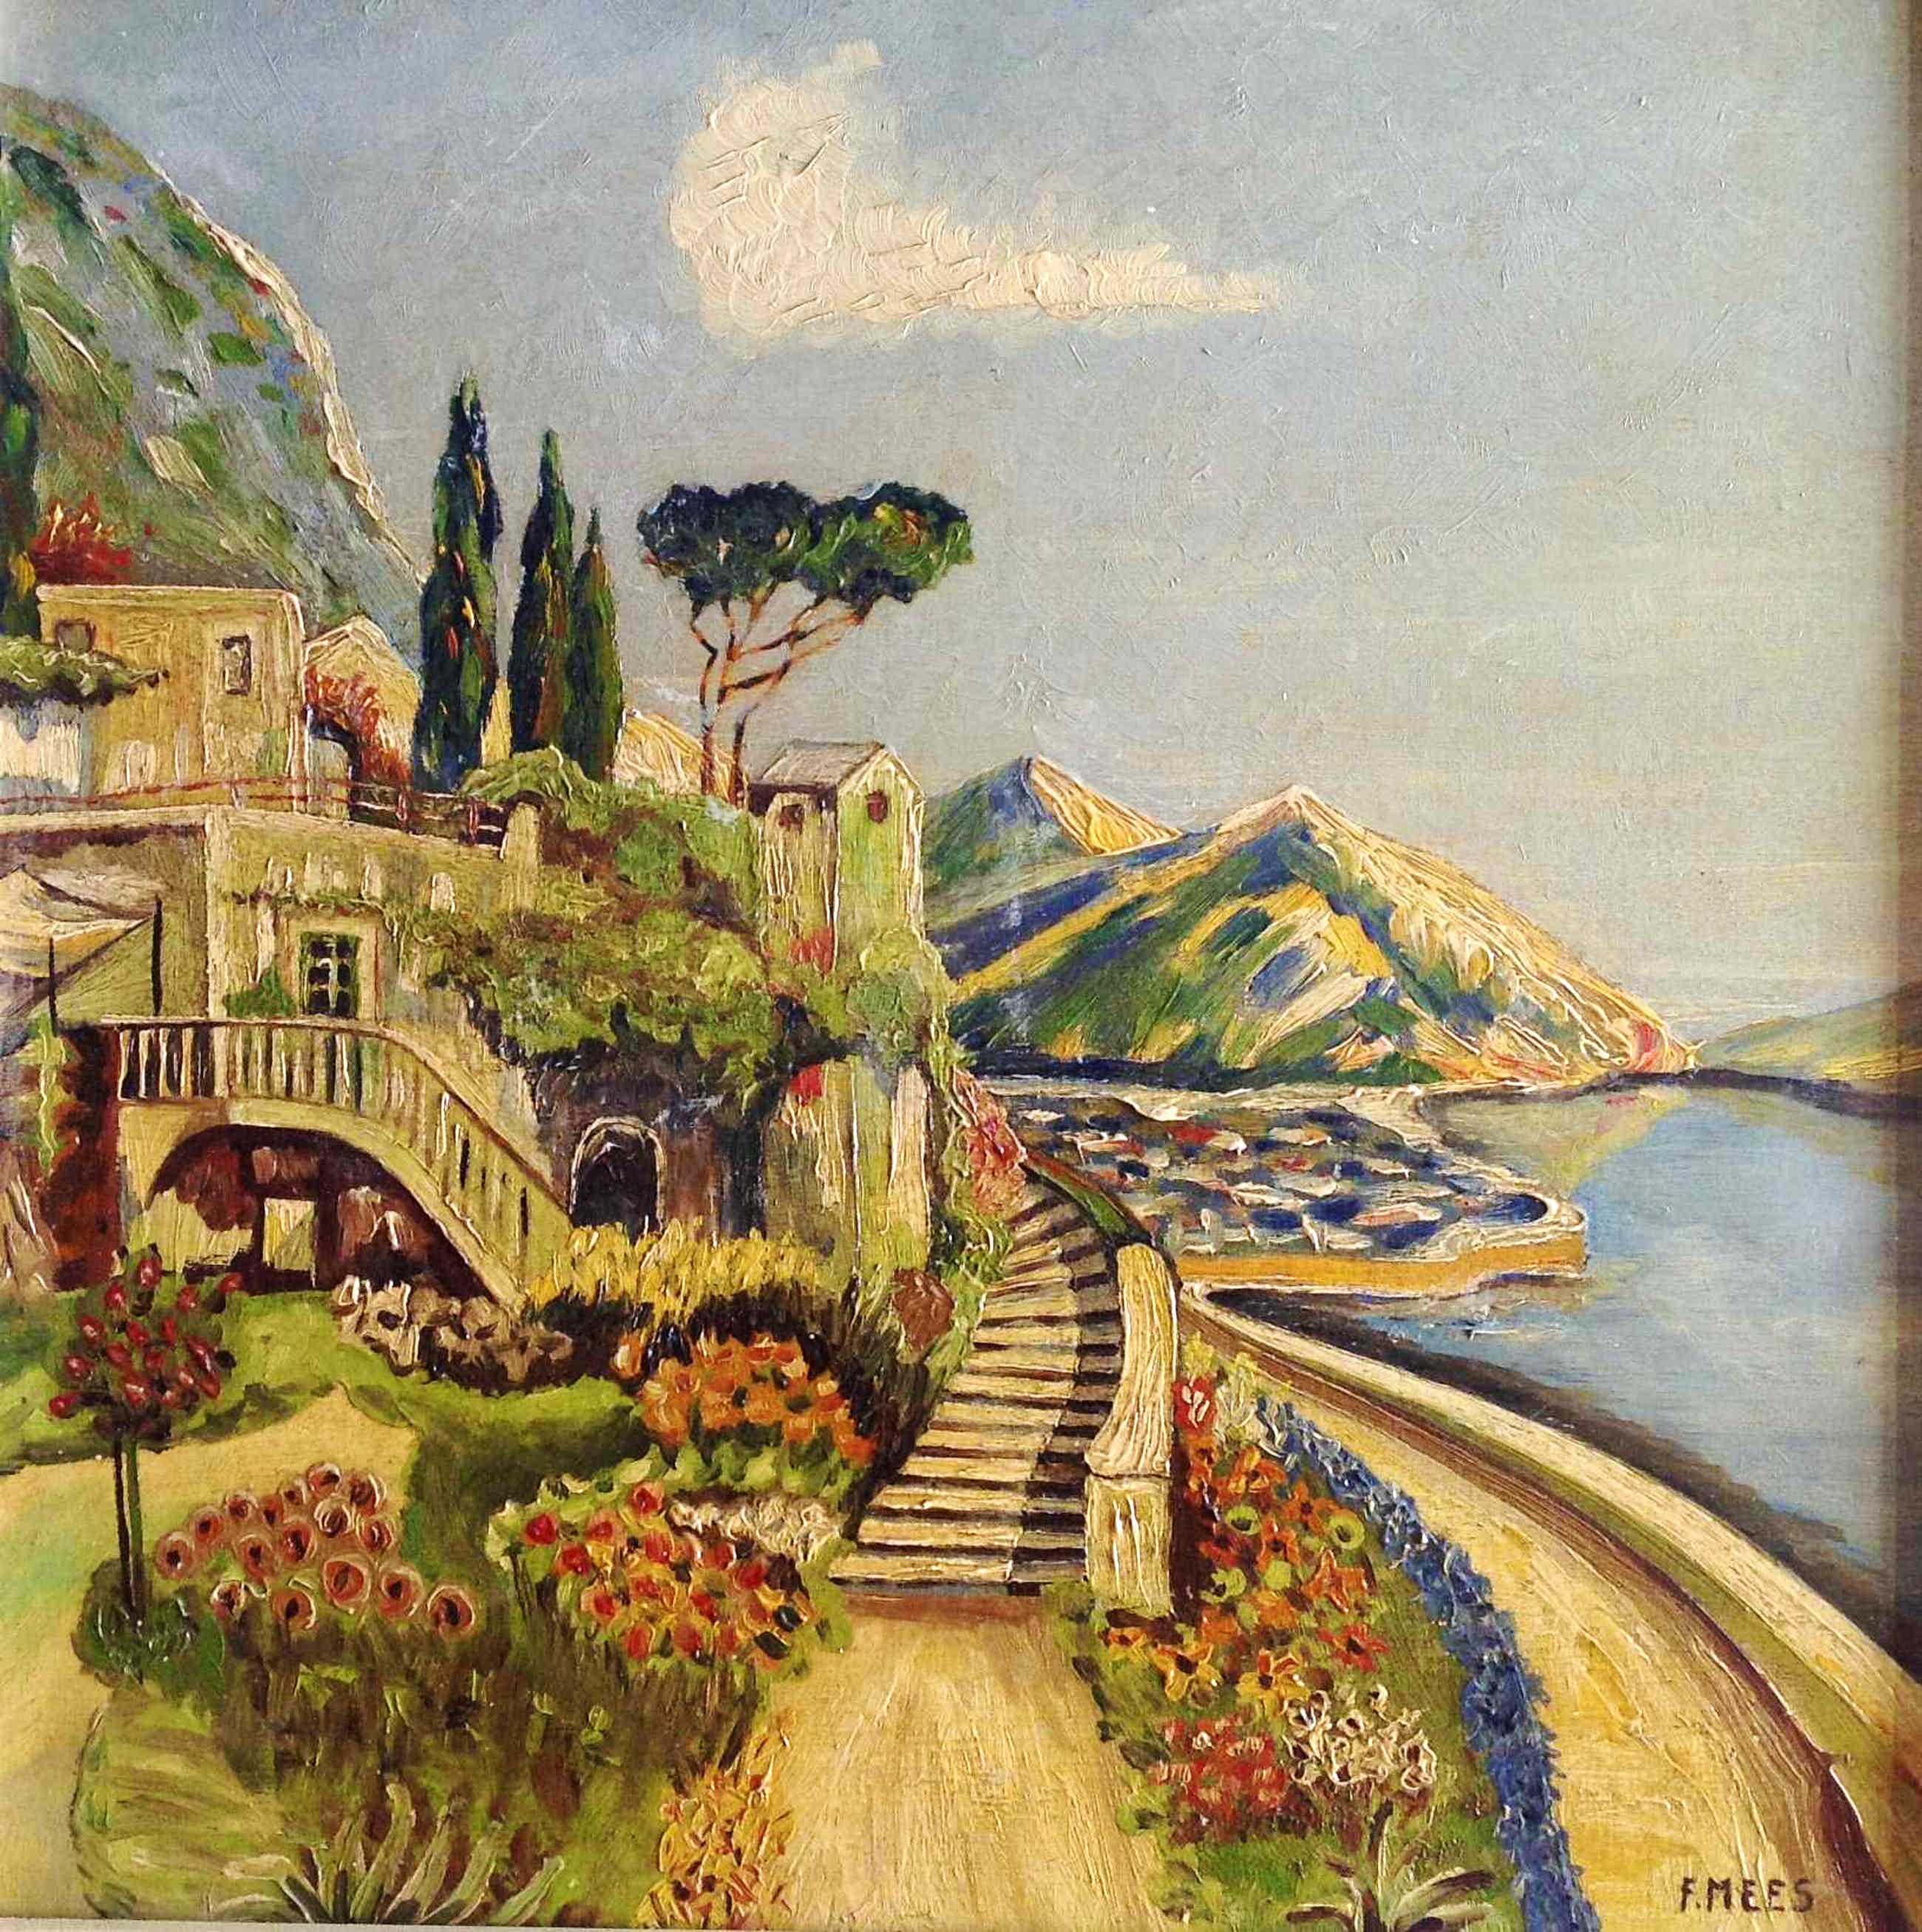 Fokko Mees - Zonnige dag in een Mediterraans stadje aan de kust  kopen? Bied vanaf 80!